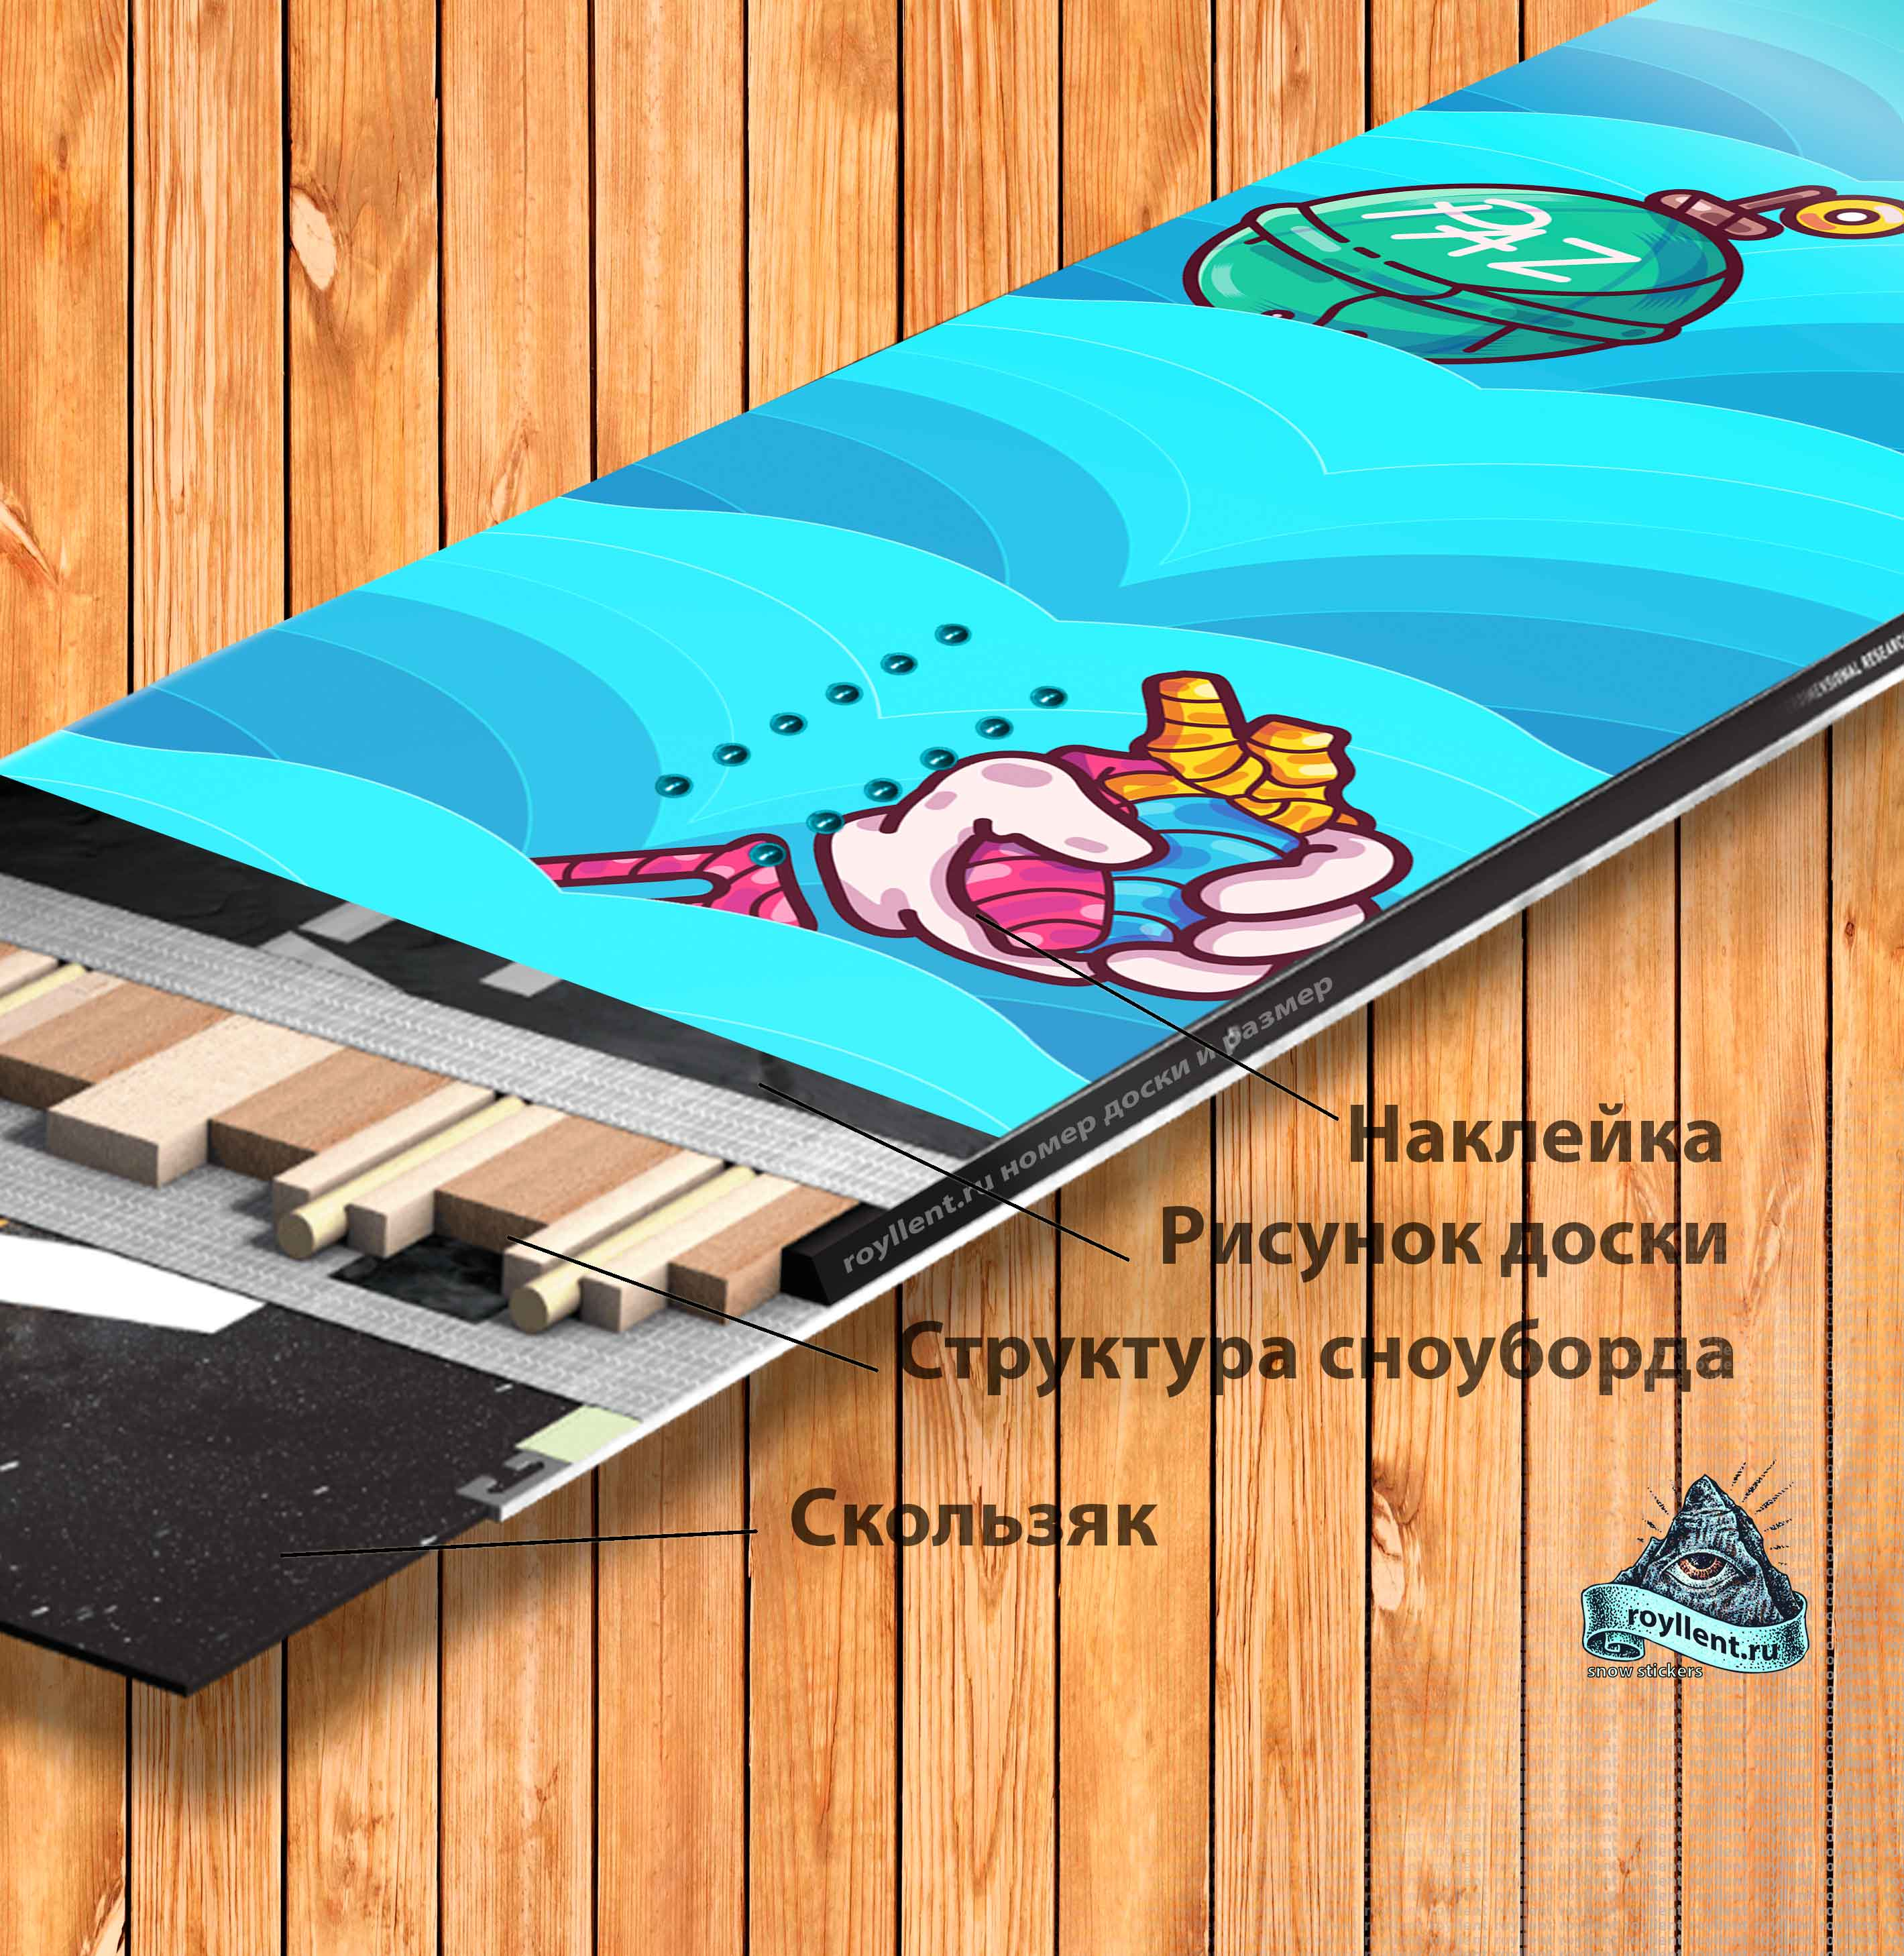 snowboard-Jua Виниловая наклейка на сноуборд Royllent 2019 Juancho Wave Design Wrap на Алиэкспресс наклейка будет дороже чем у нас